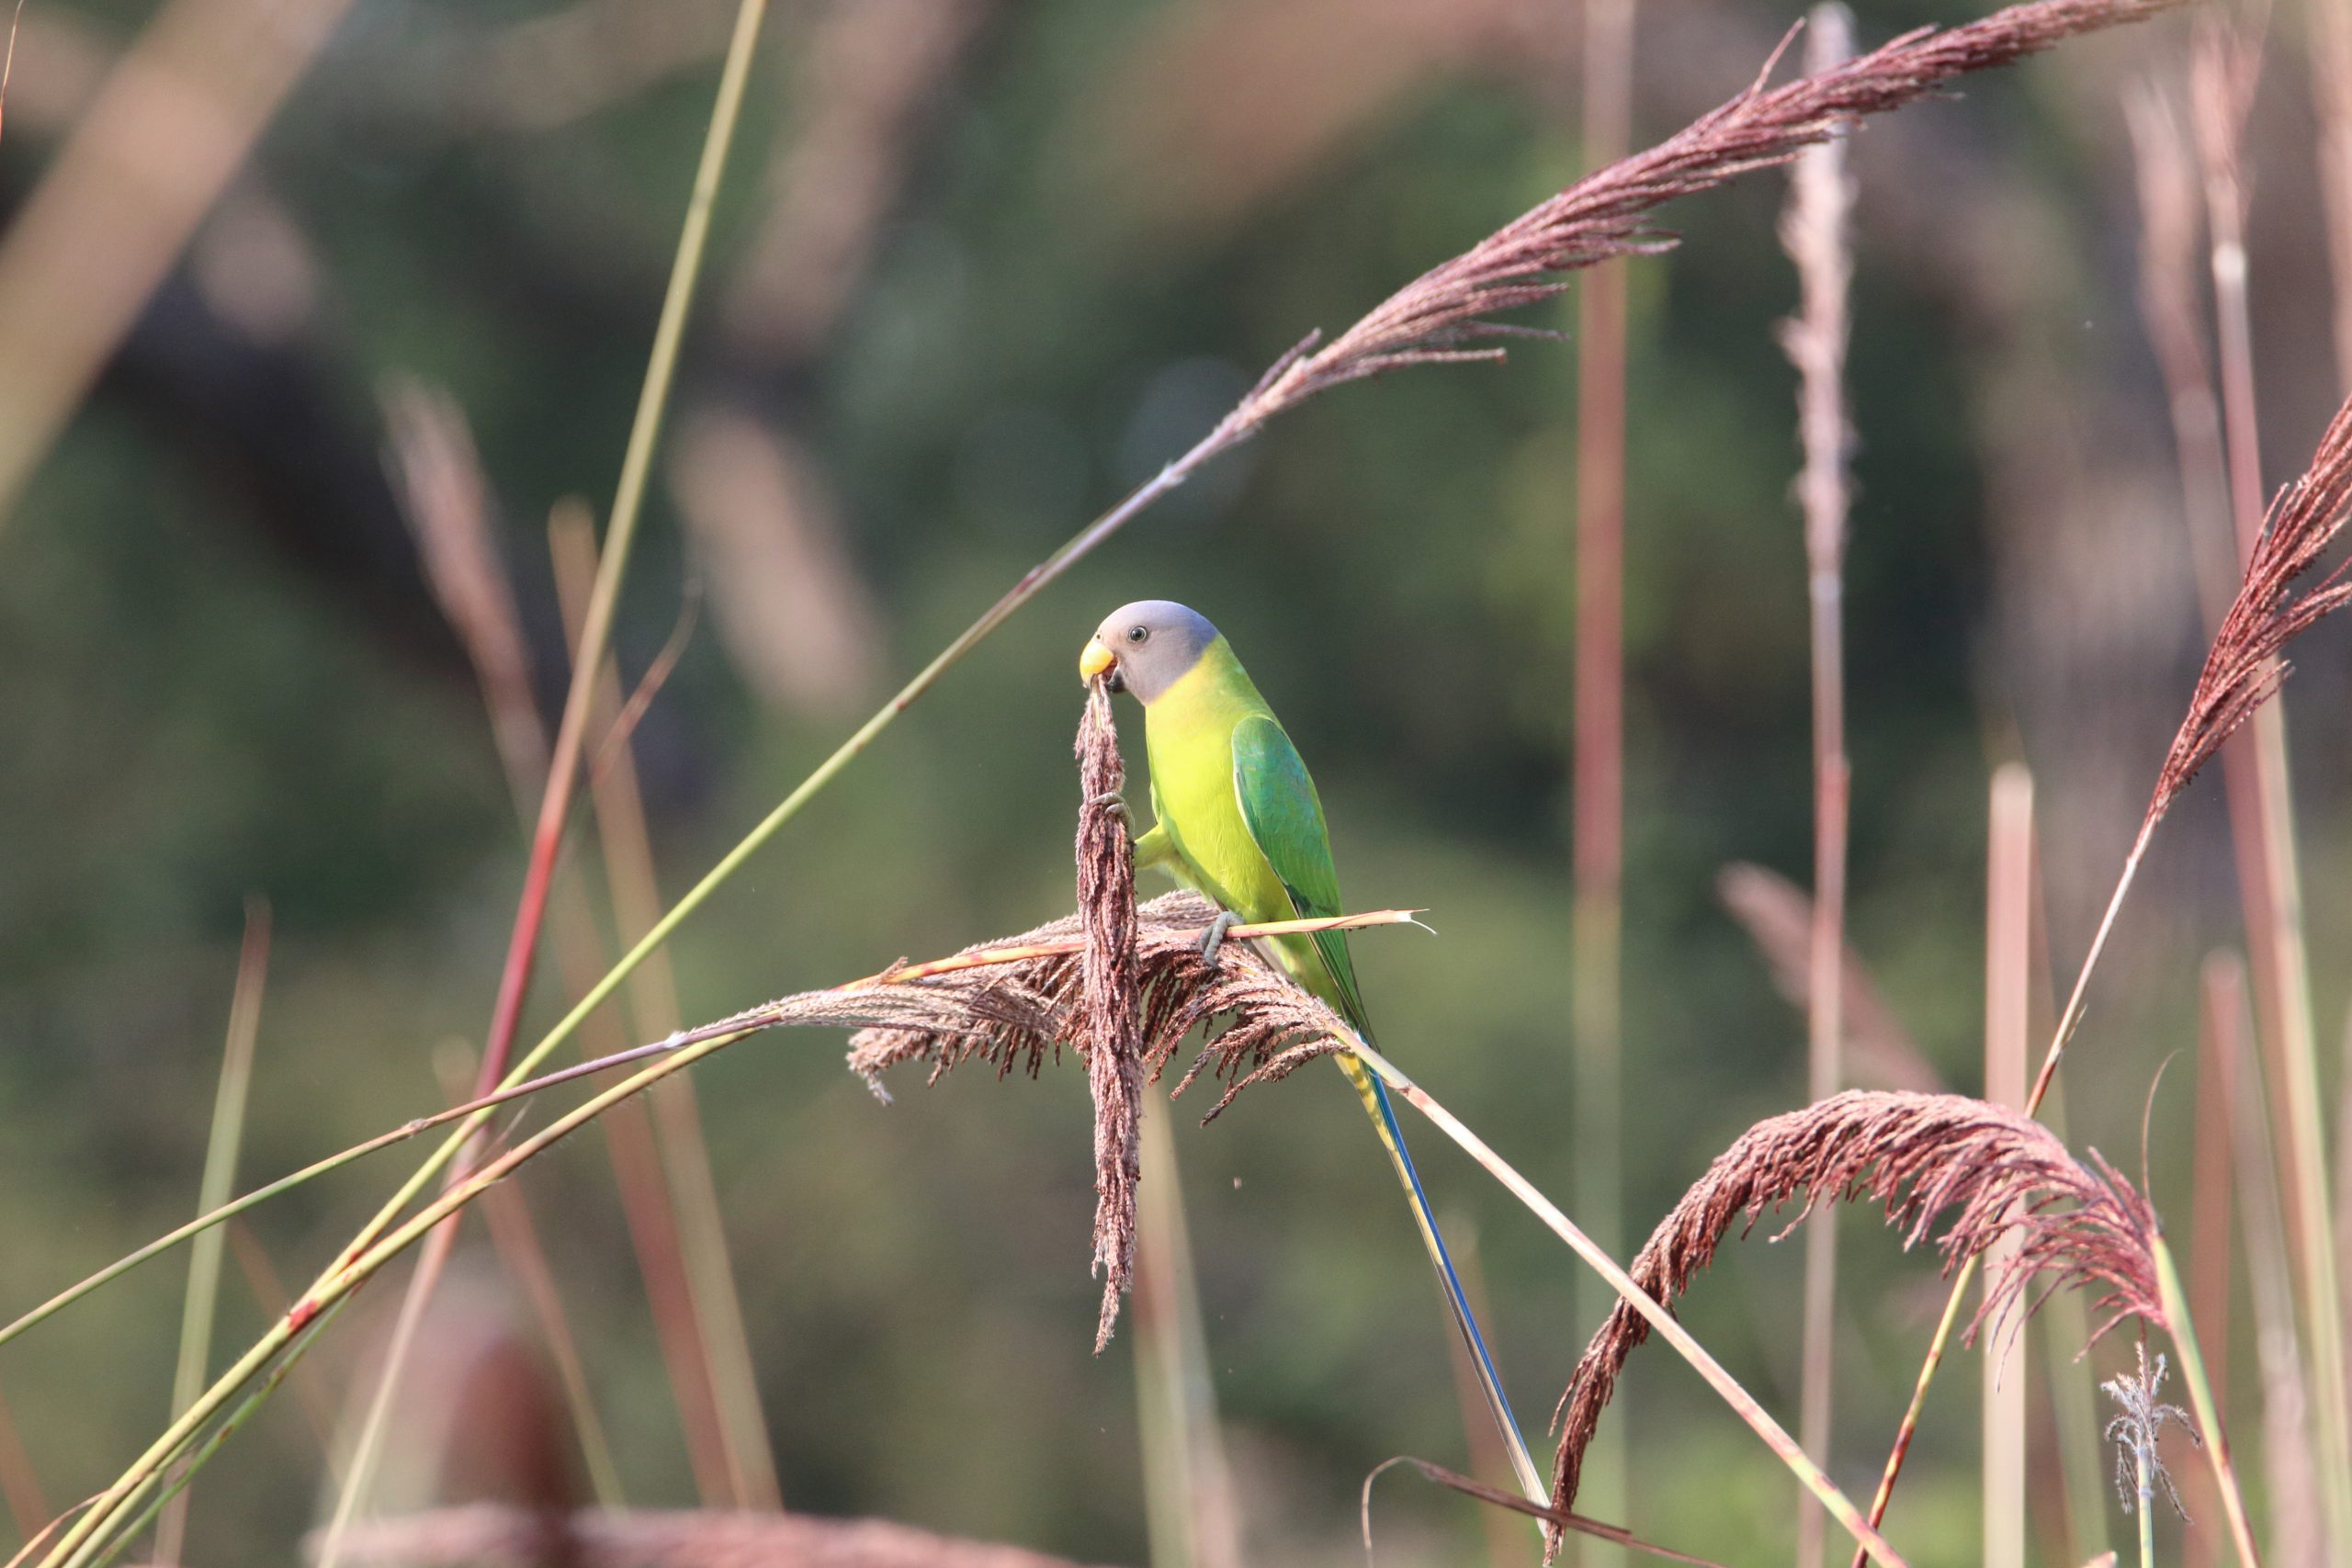 Plum-headed parakeet in reeds holding grass in beak